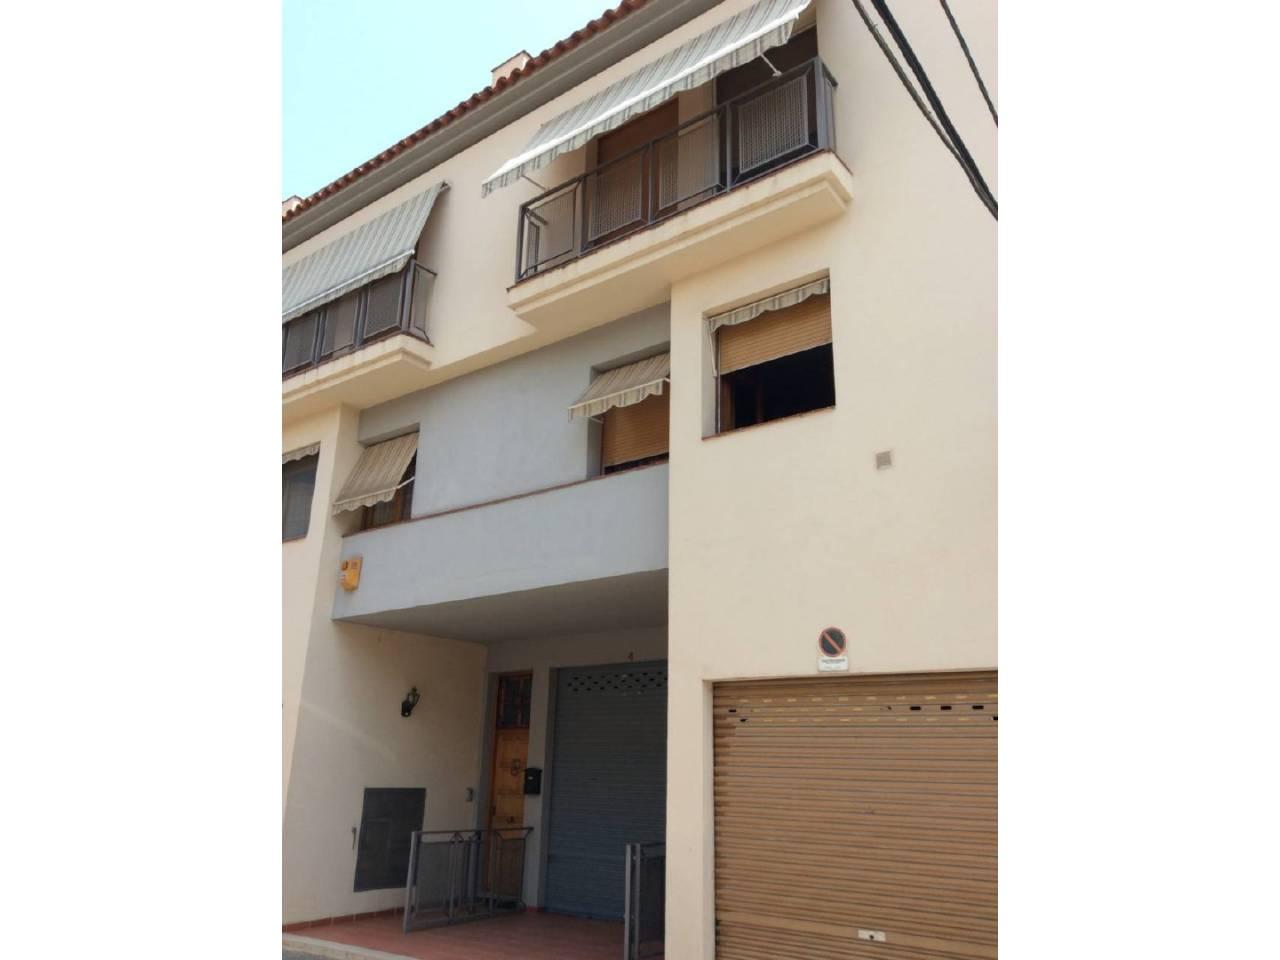 Casa  Calle roi i gelpi. Superf. 228 m², útil 199 m²,  3 habitaciones ( 1 suite,  2 indiv